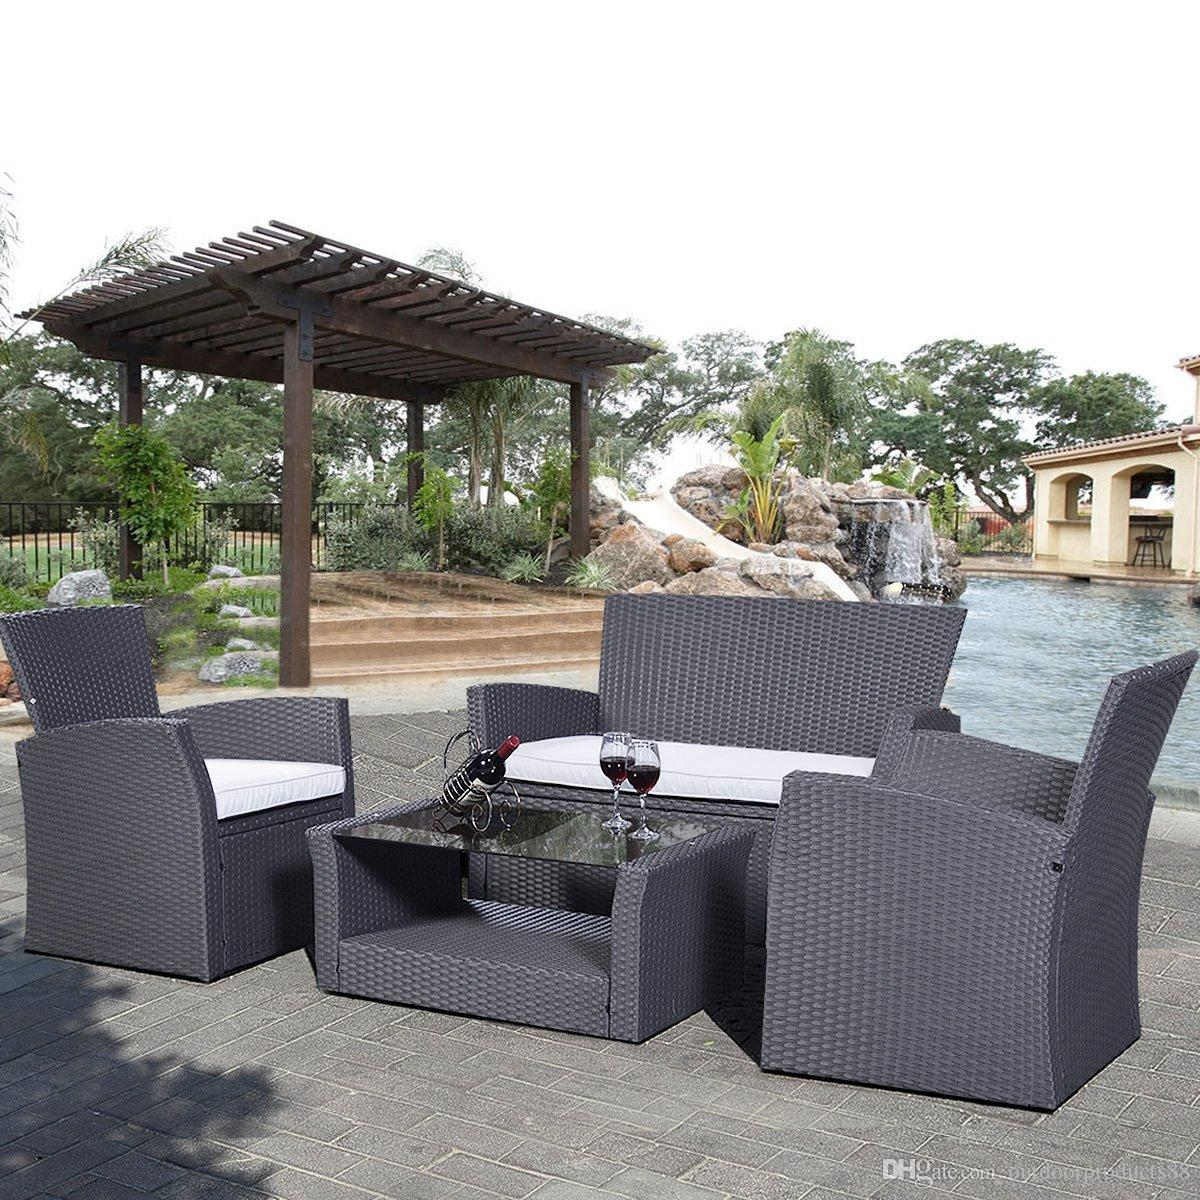 pe rattan wicker sofa set outdoor indoor patio garden lawn furniture rh dhgate com Resin Wicker Furniture Weatherproof Wicker Furniture